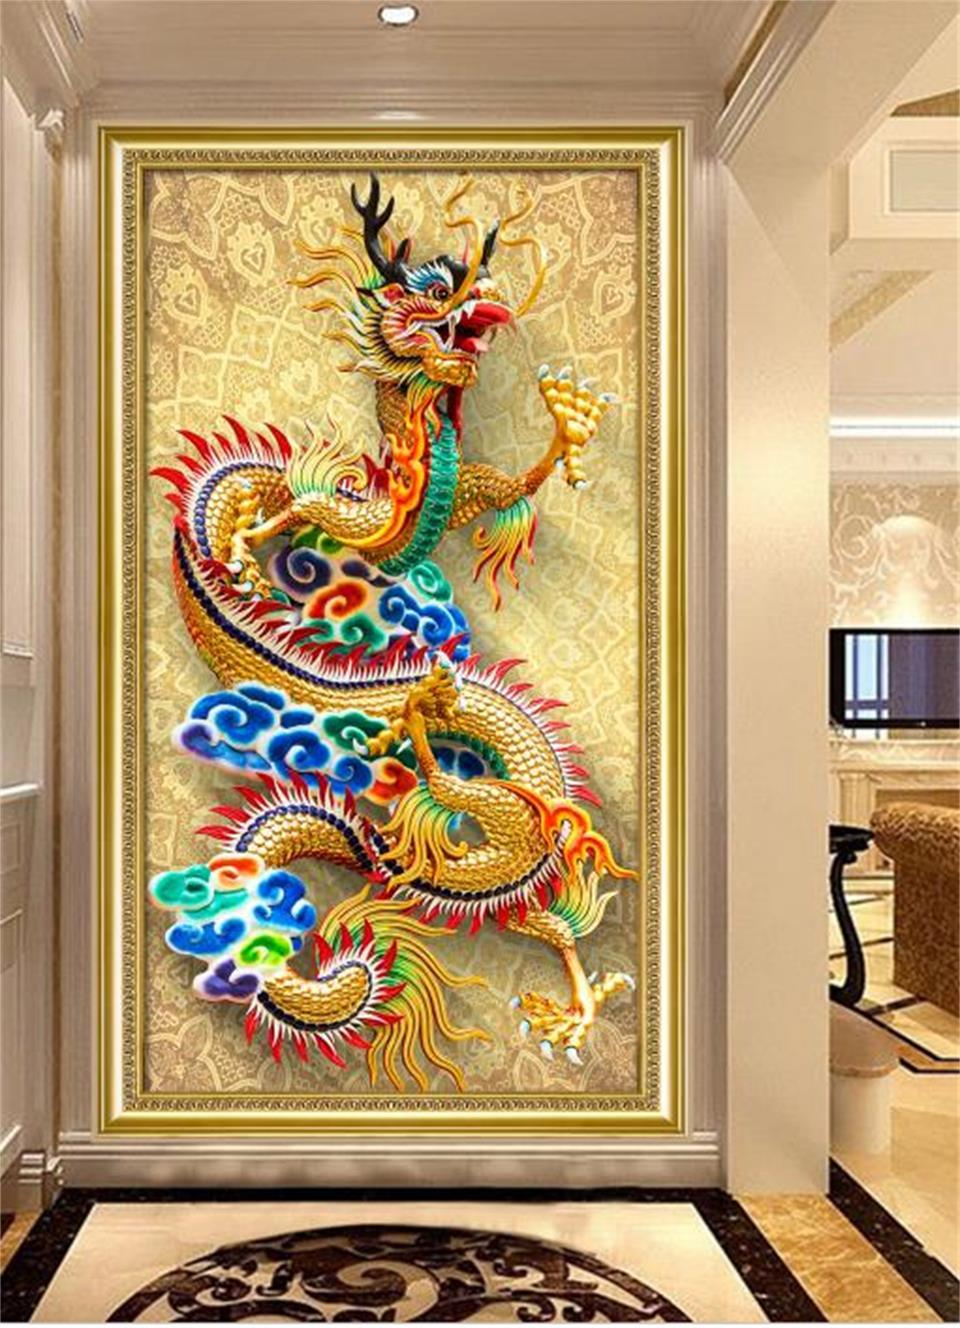 US $14 74 OFF 3d Wallpaper Kustom Foto Wallpaper Ruang Teras Warna Naga Ukiran 3d Lukisan Mural Latar Belakang Wallpaper Untuk Dinding